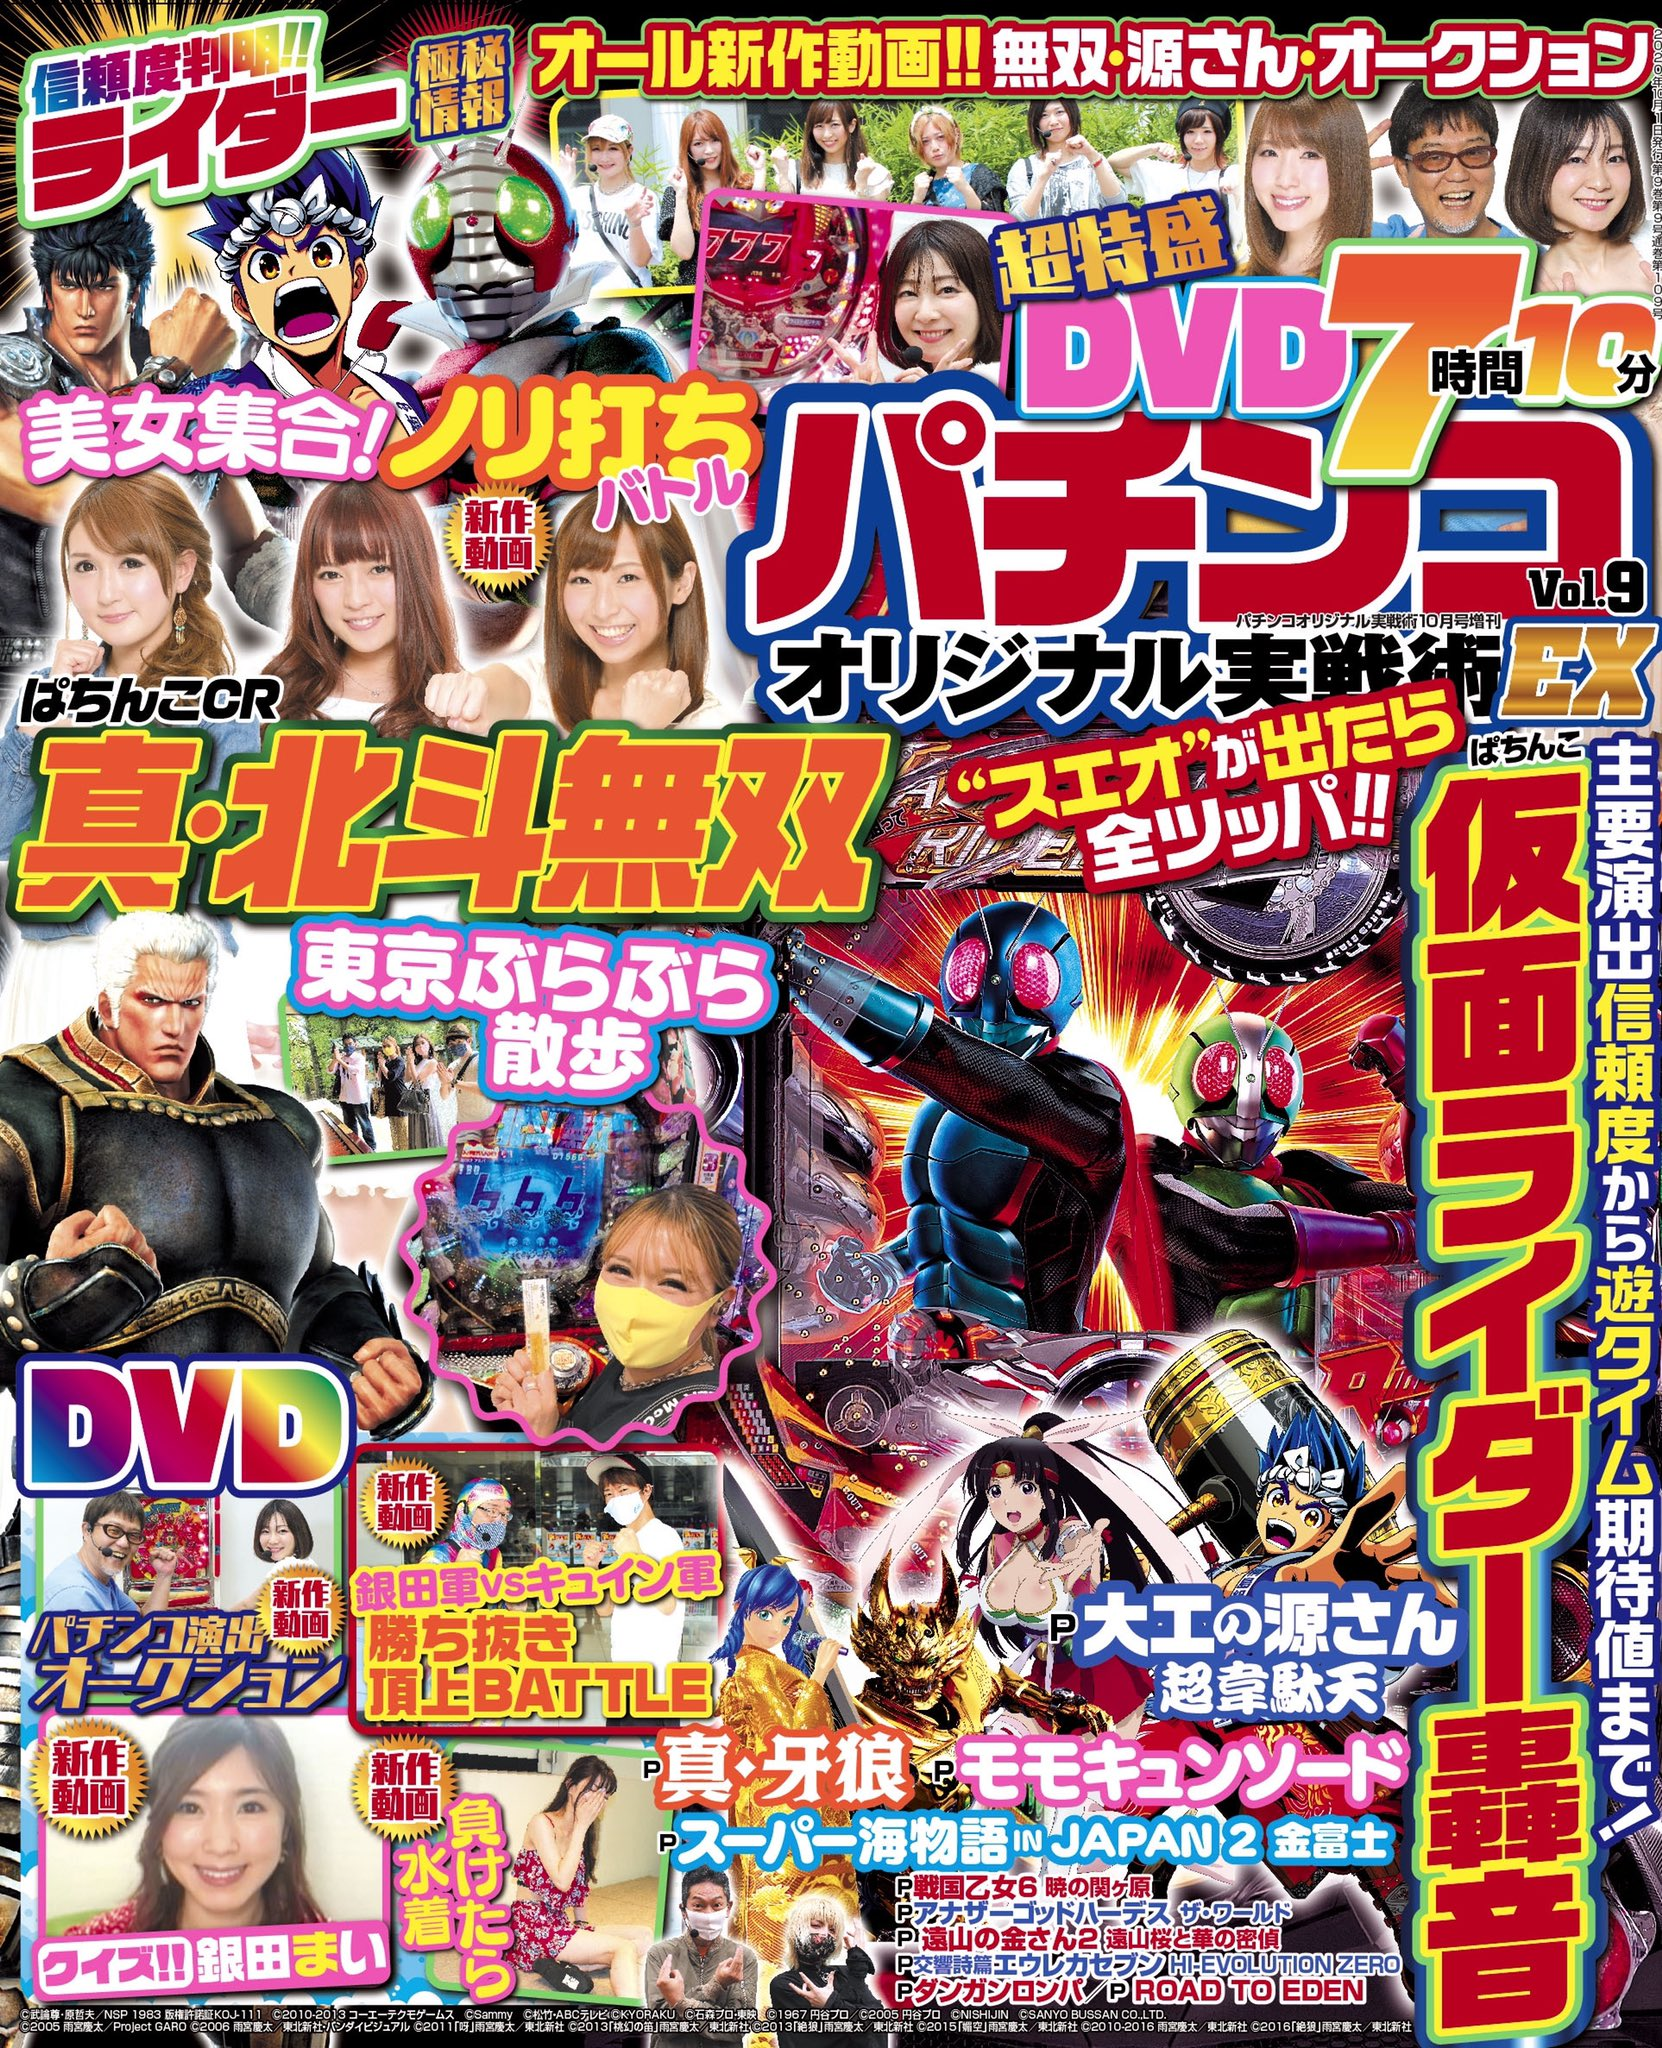 パチンコ雑誌「パチンコオリジナル実戦術EX Vol.9」